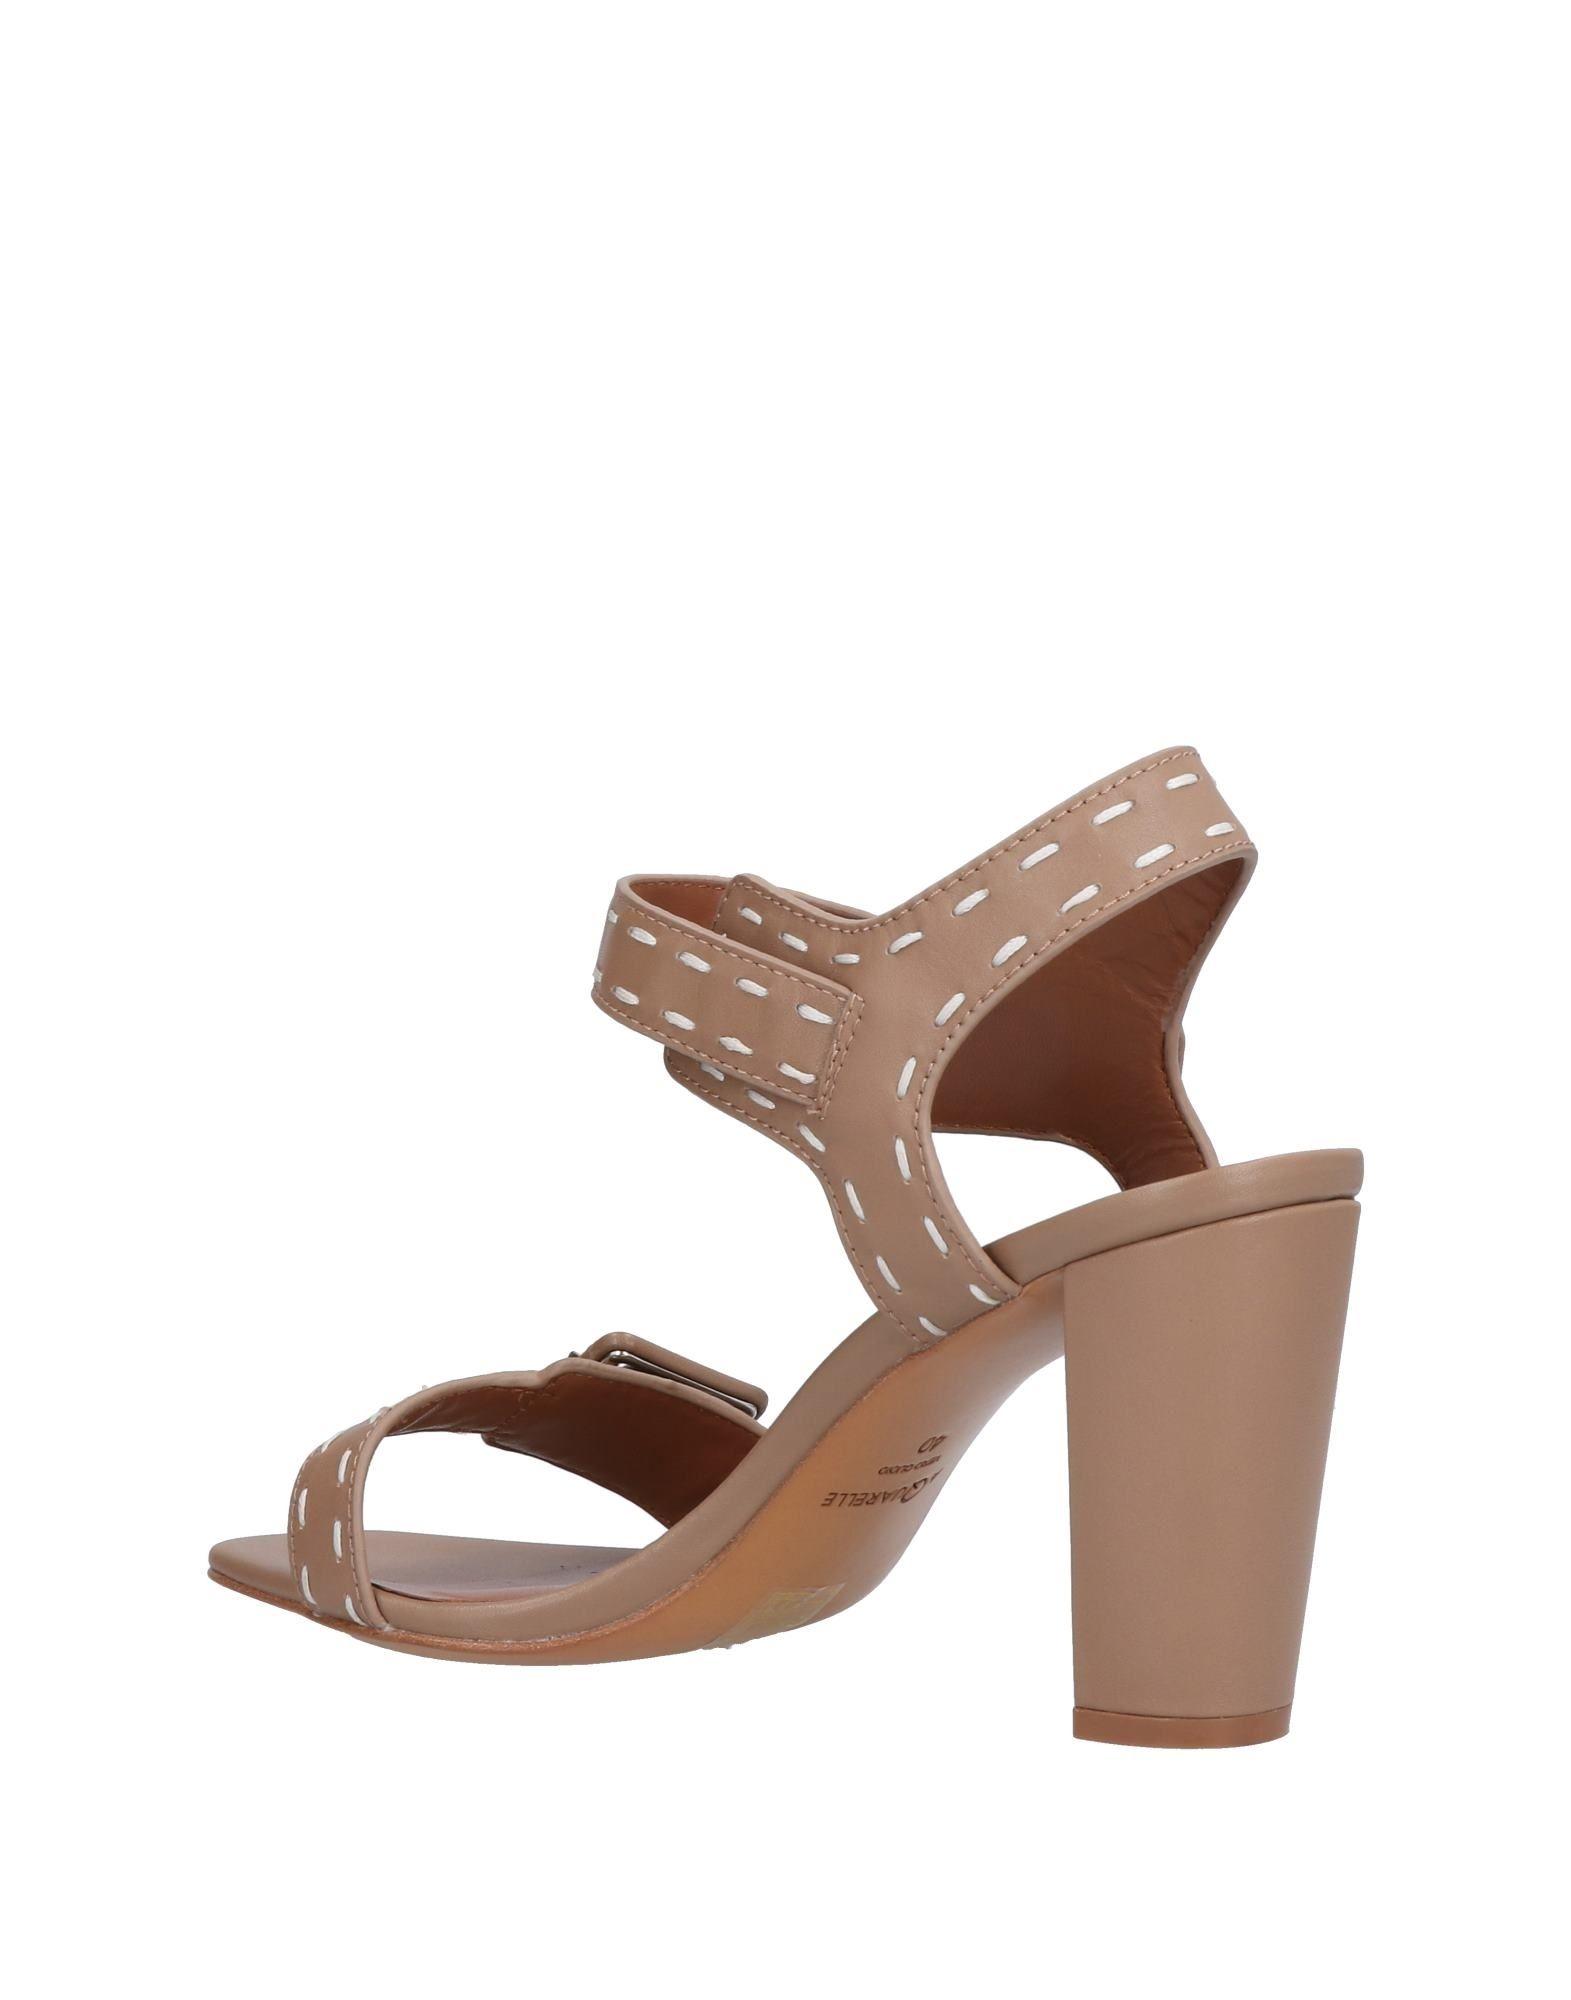 Aquarelle Schuhe Sandalen Damen  11471703SD Gute Qualität beliebte Schuhe Aquarelle 4e3abd